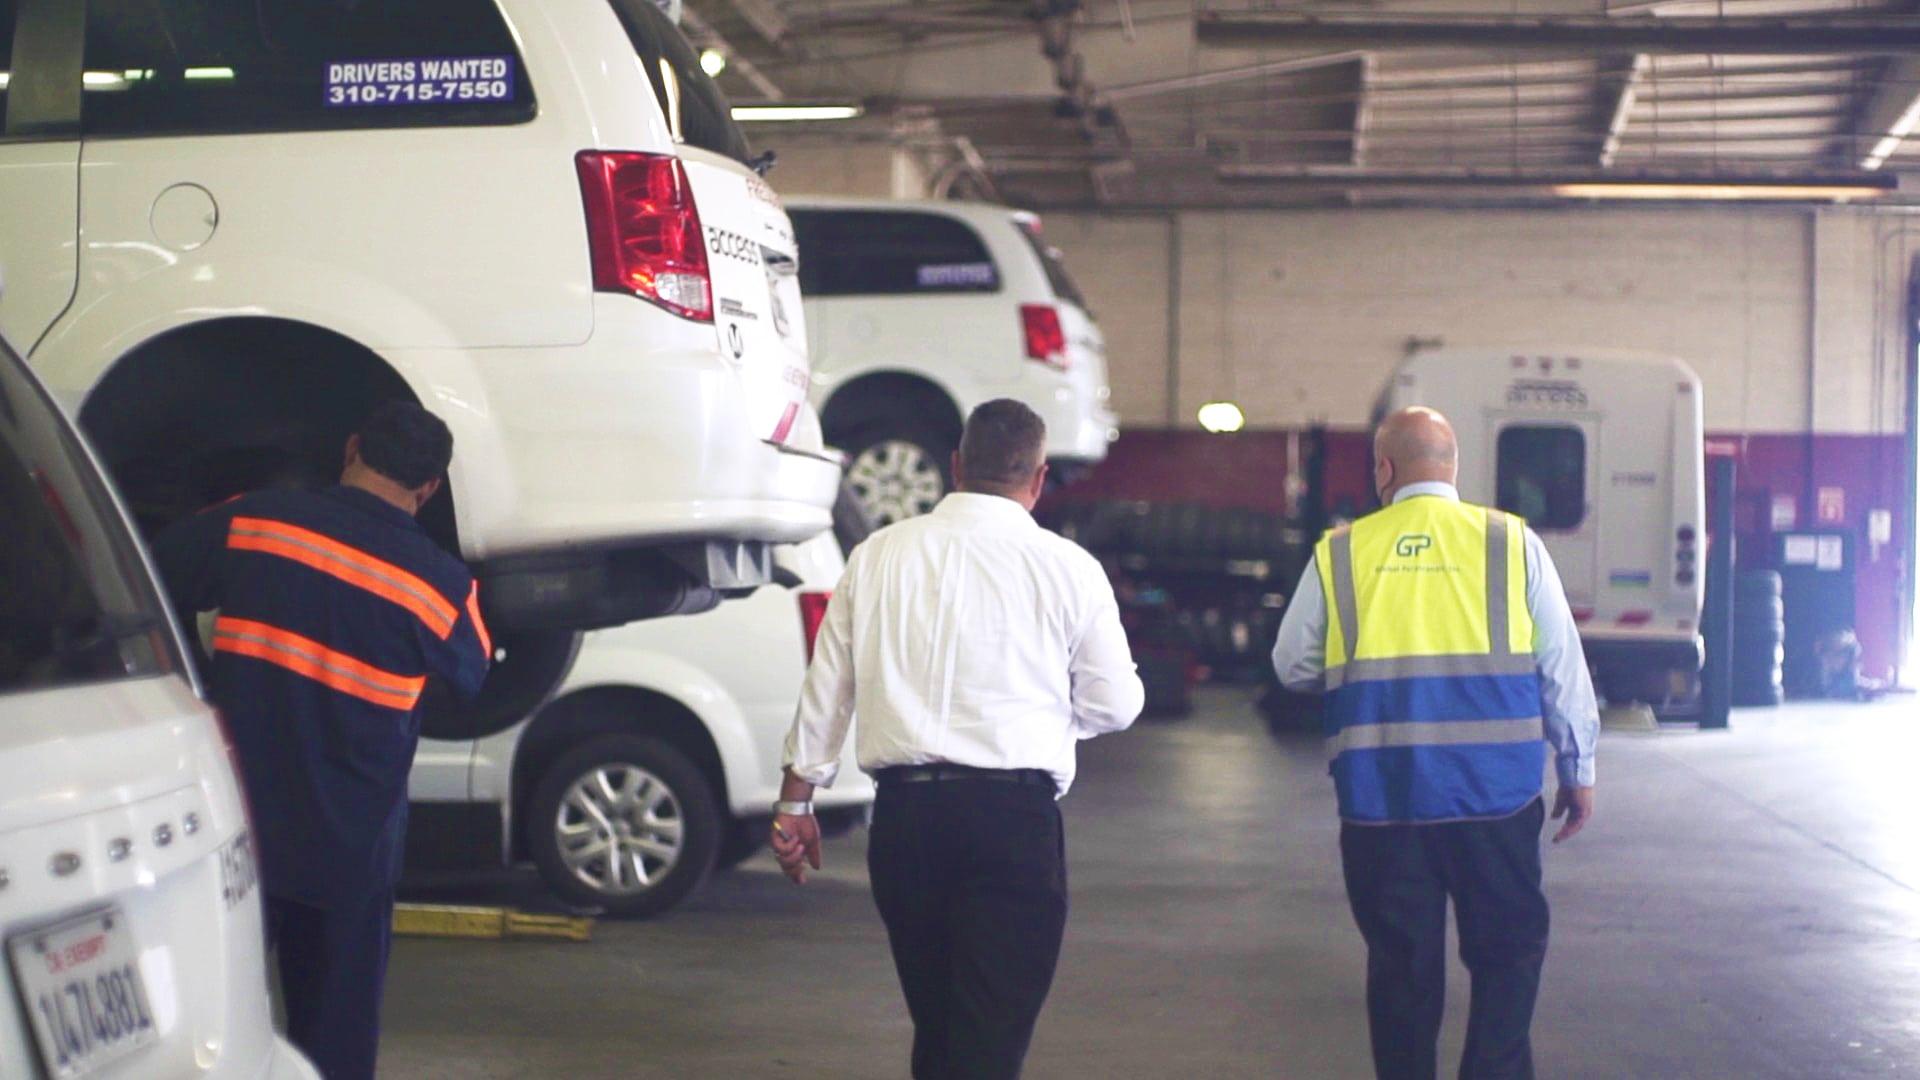 GPI Maintenance Shop Mechanic Manager Driver Frame 2 Global Paratransit